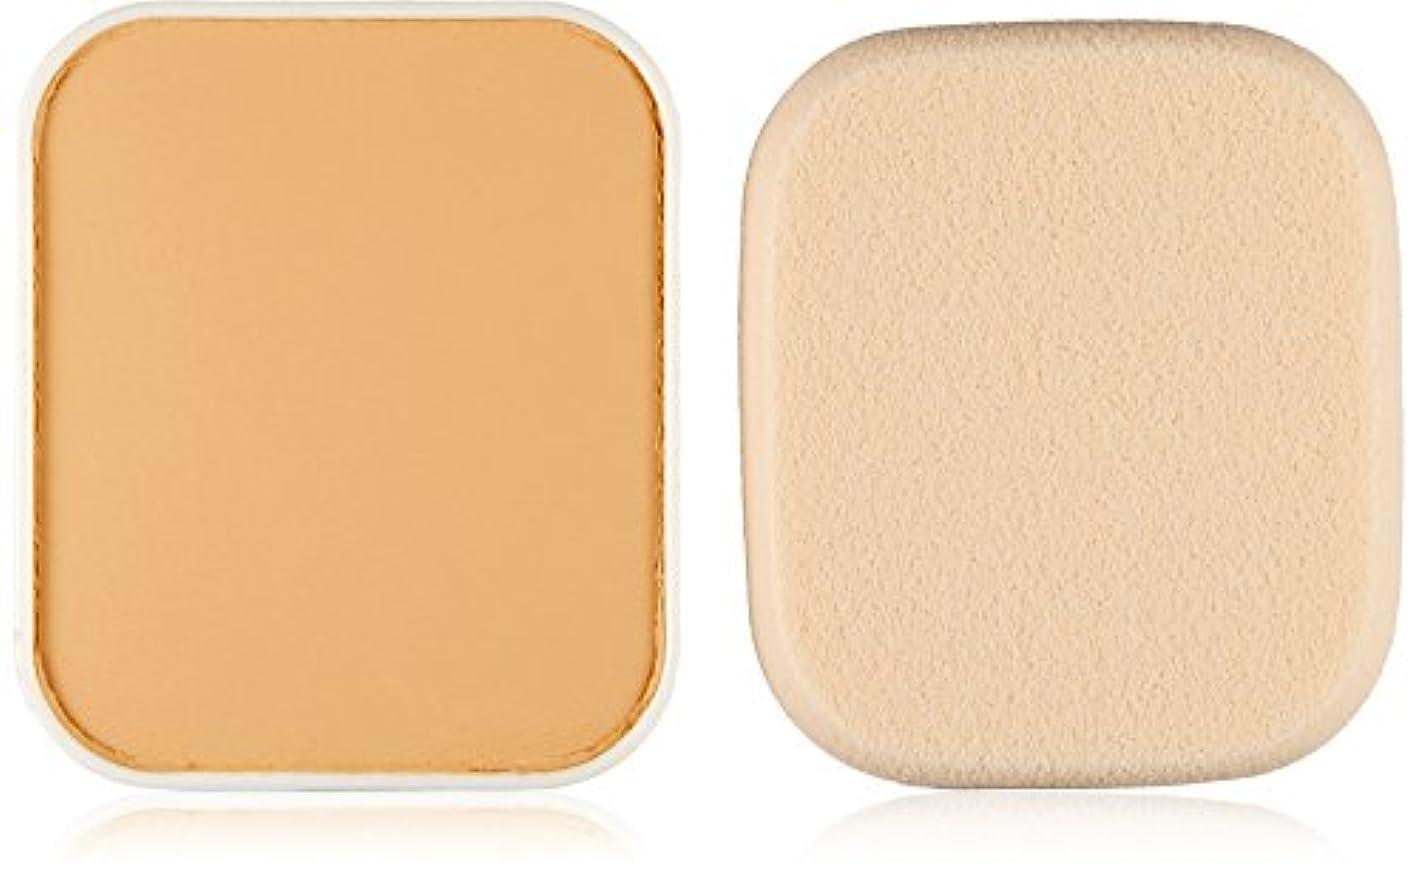 レビューしてはいけないリハーサルインテグレート グレイシィ ホワイトパクトEX オークル20 (レフィル) 自然な肌色 (SPF26?PA+++) 11g